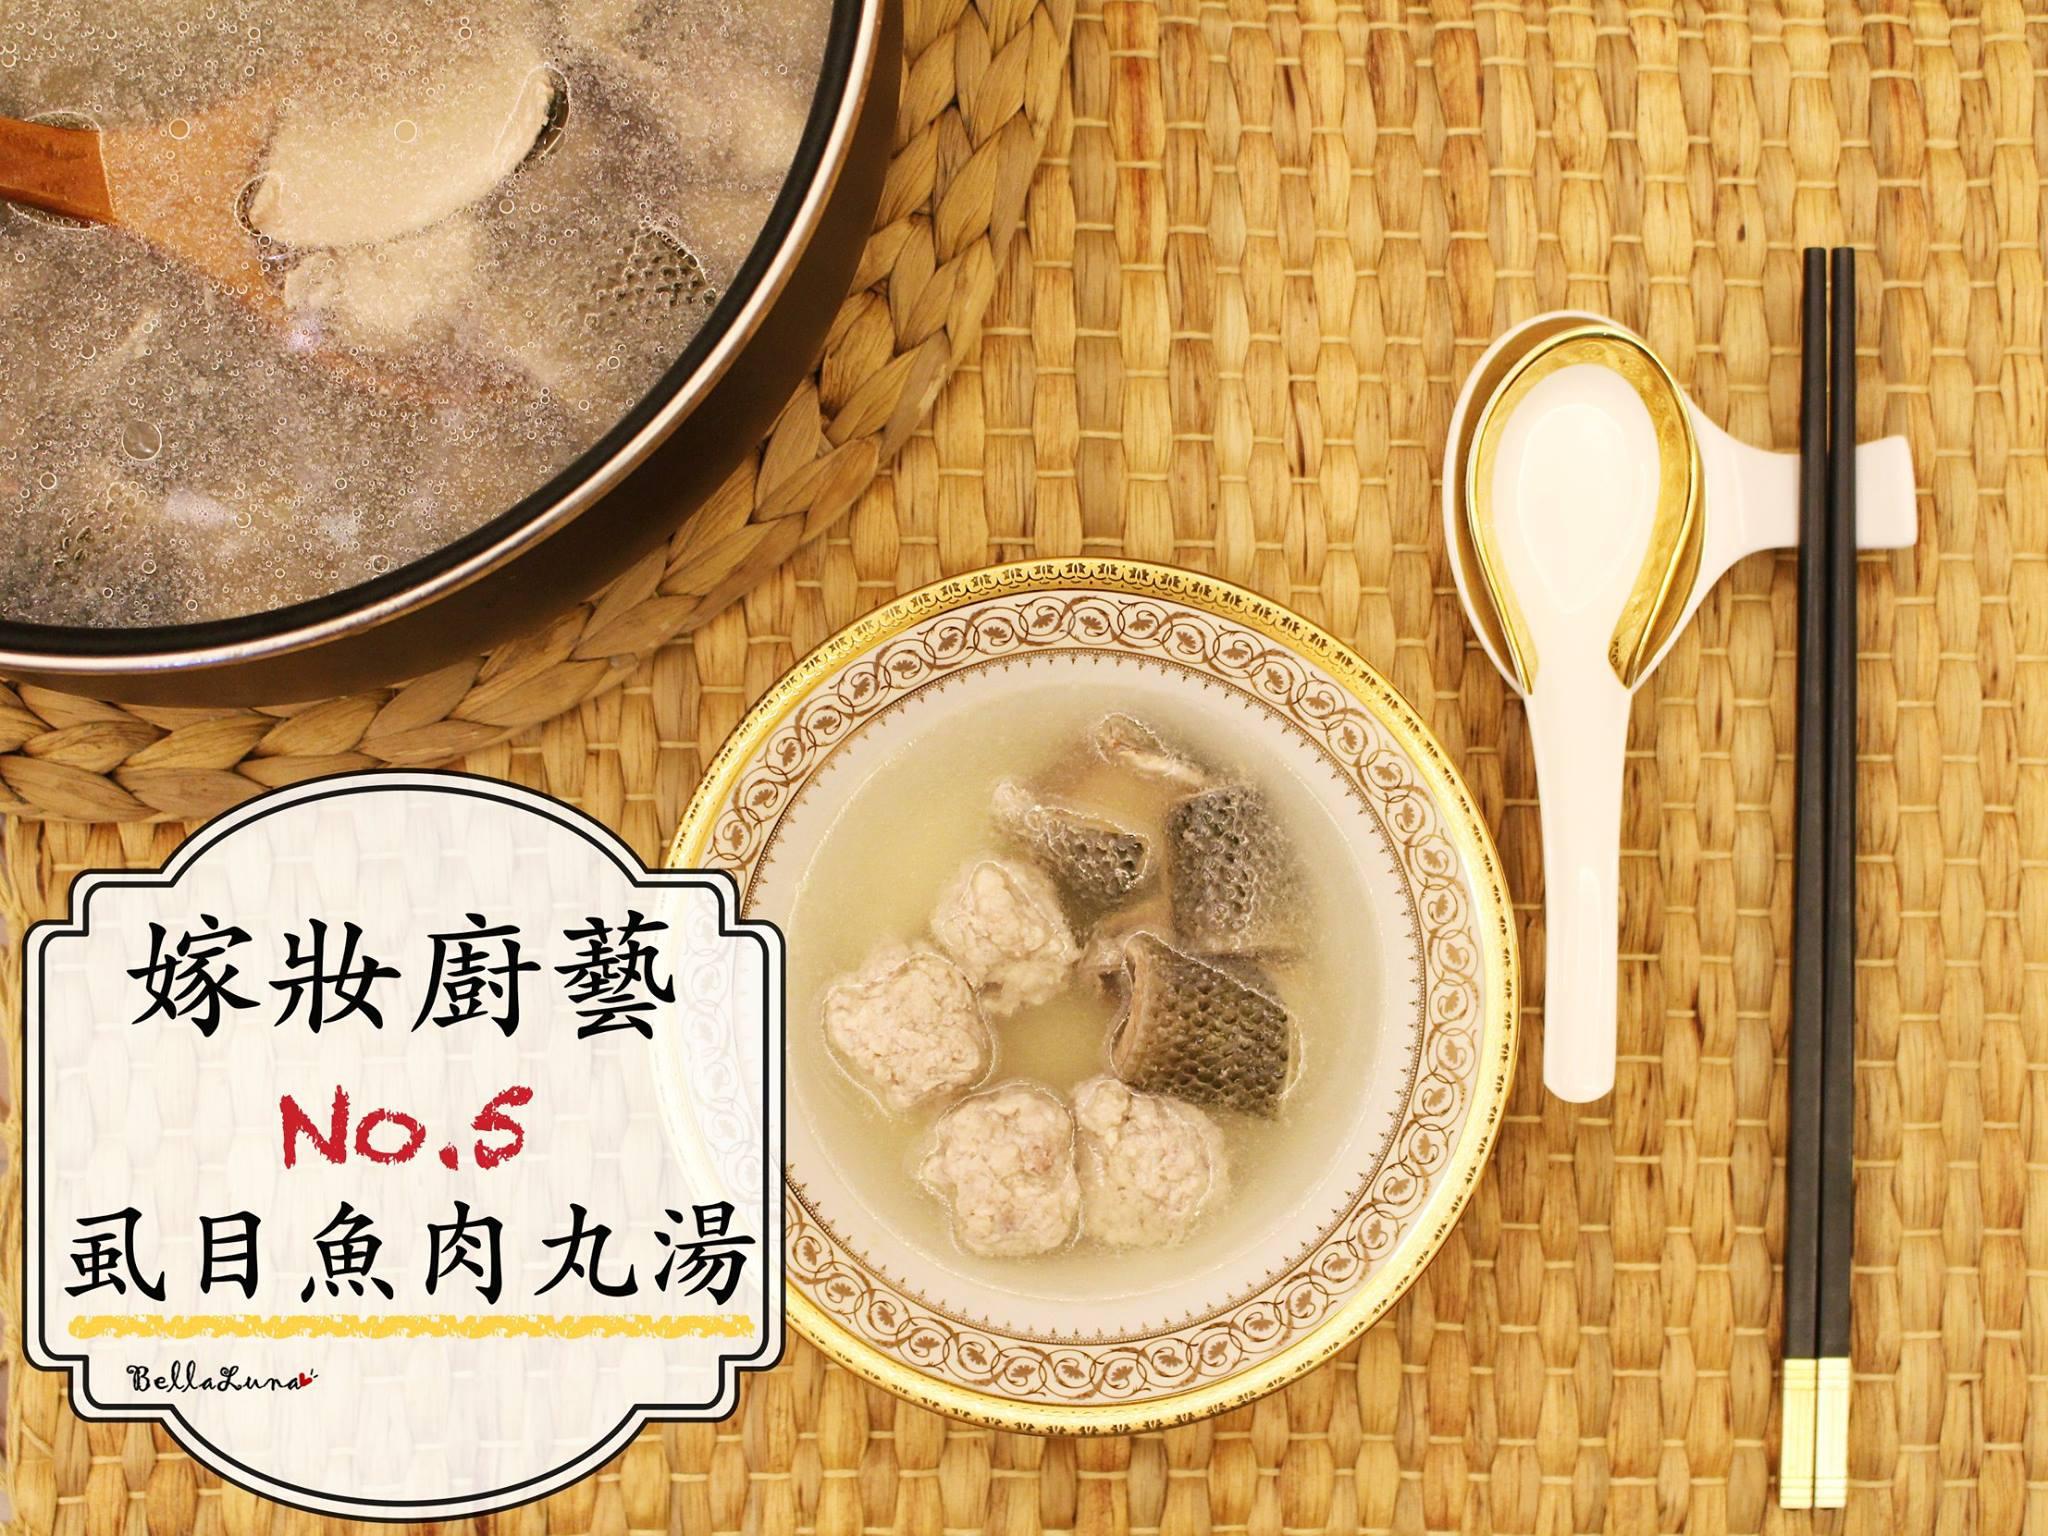 虱目魚肉丸 封面.jpg